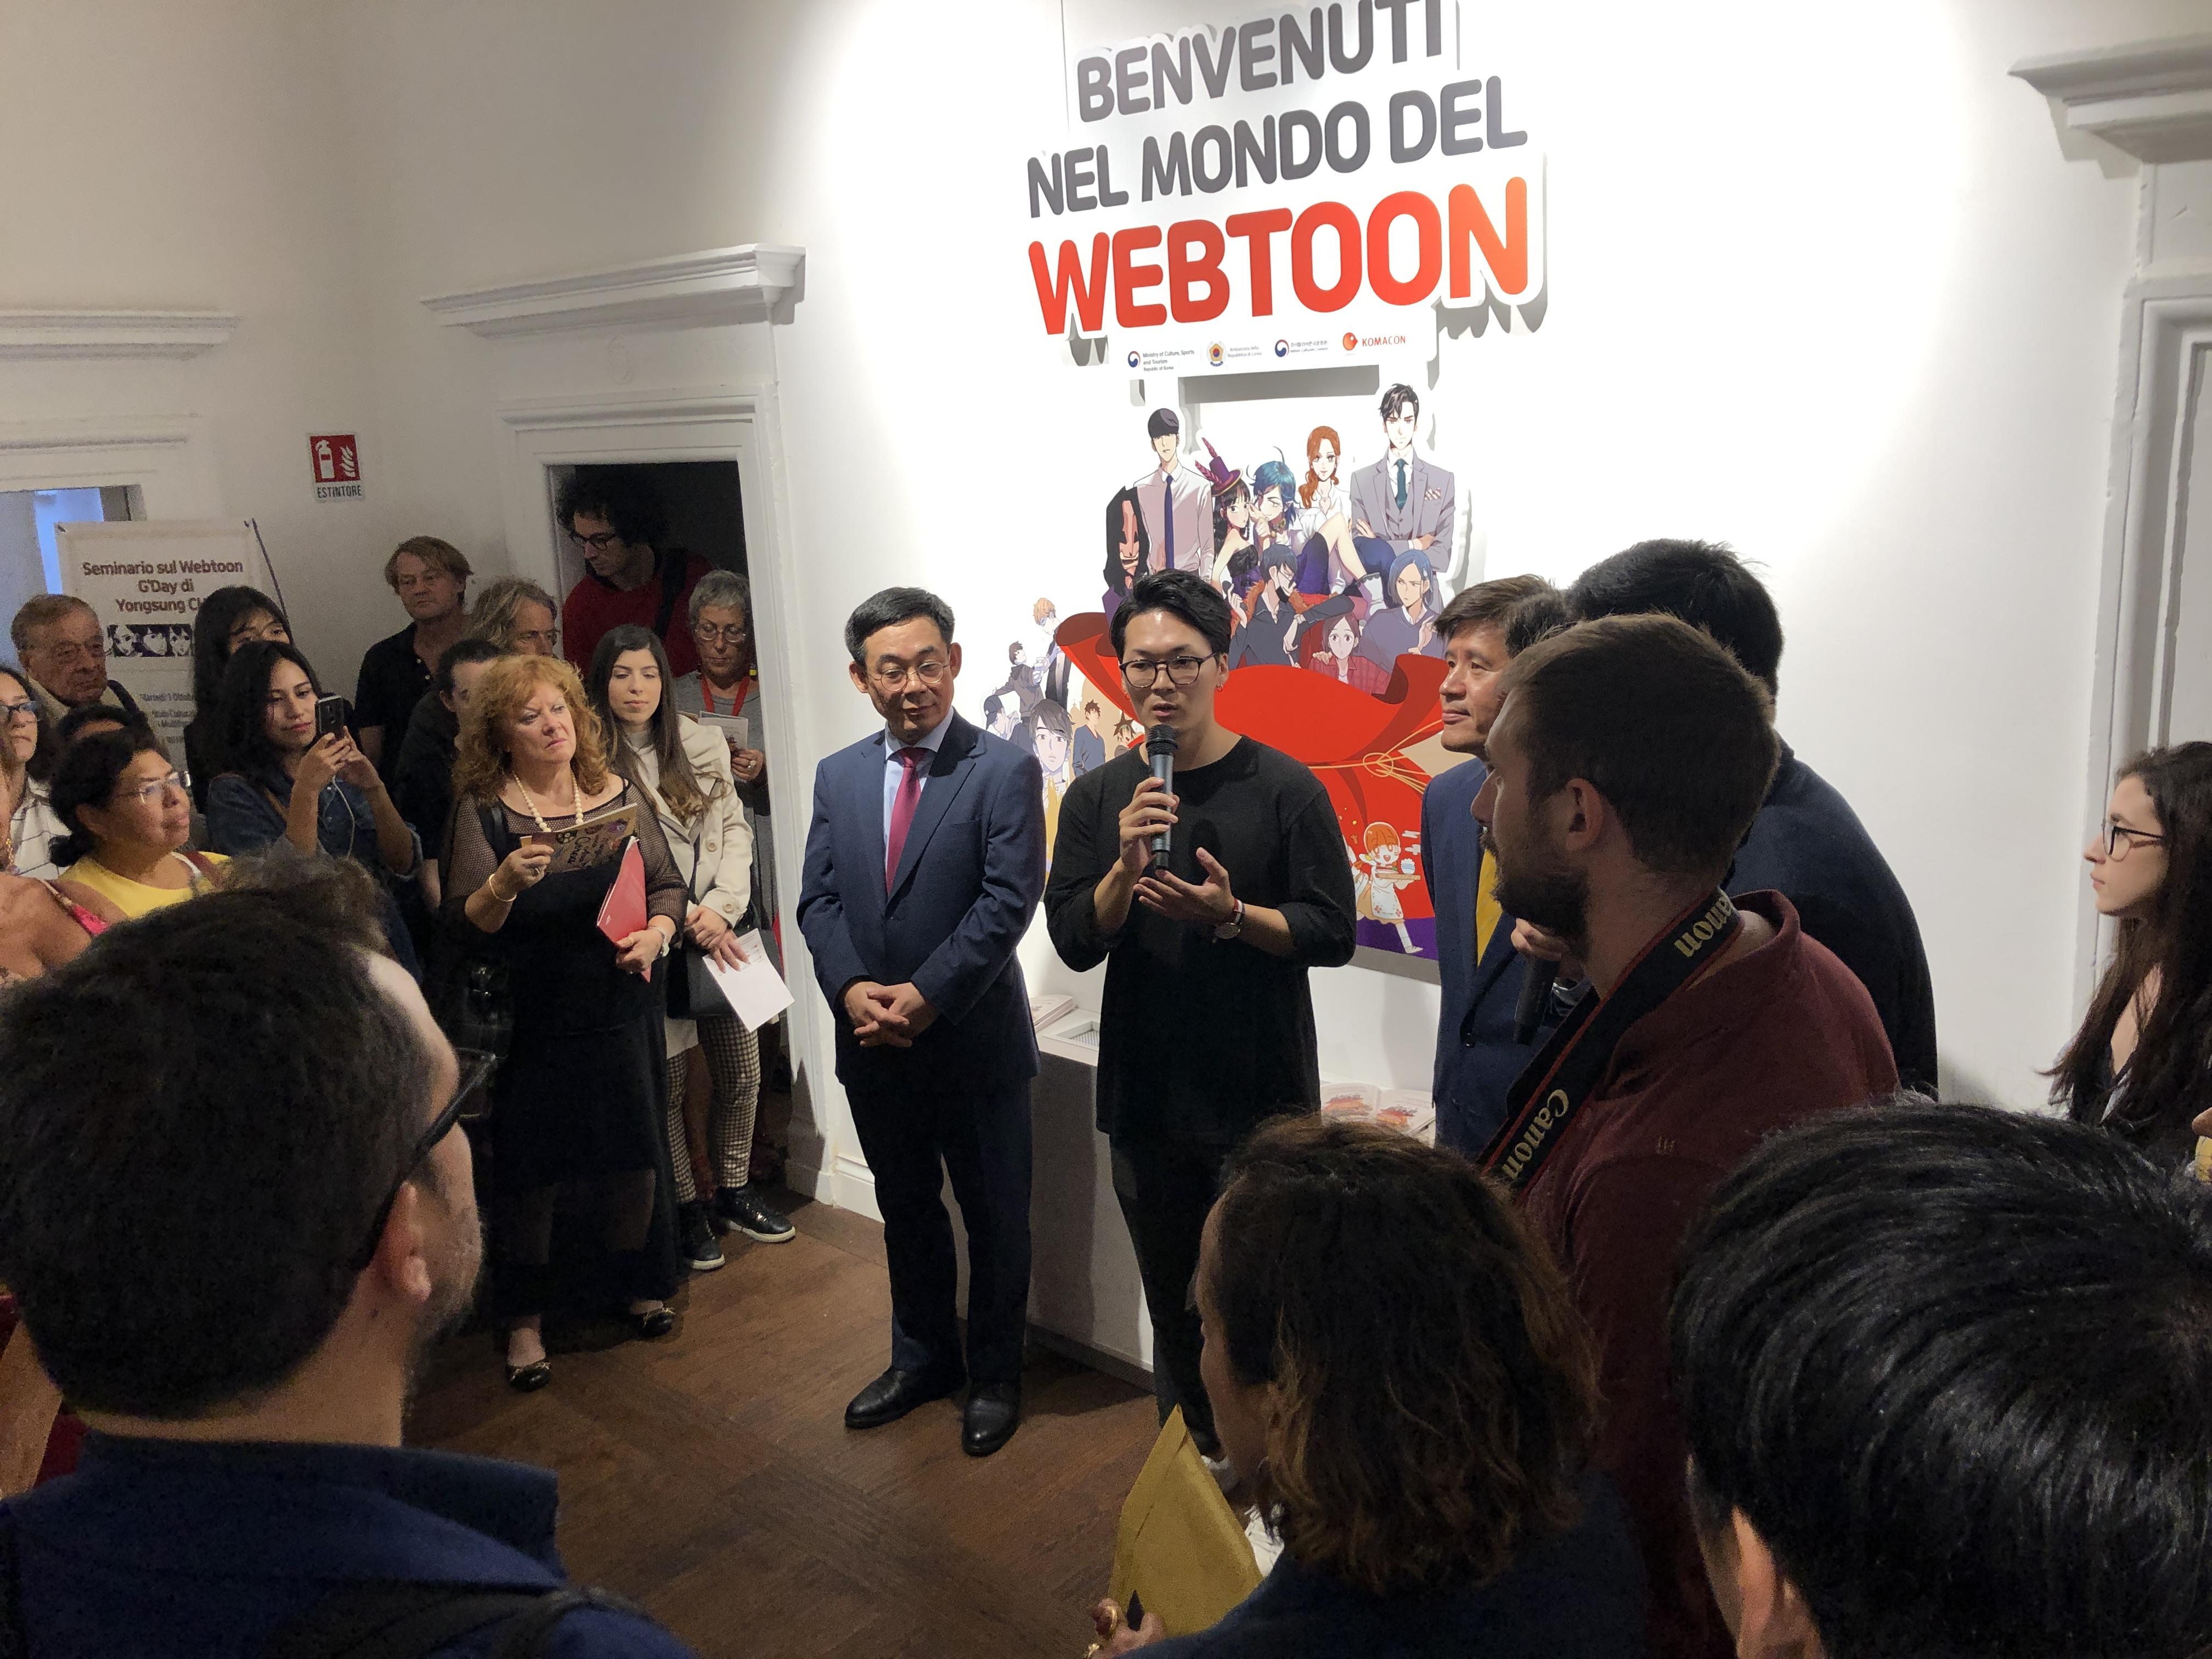 2019 이탈리아 웹툰 전시&워크숍 '웹툰의 세계로 초대합니다'